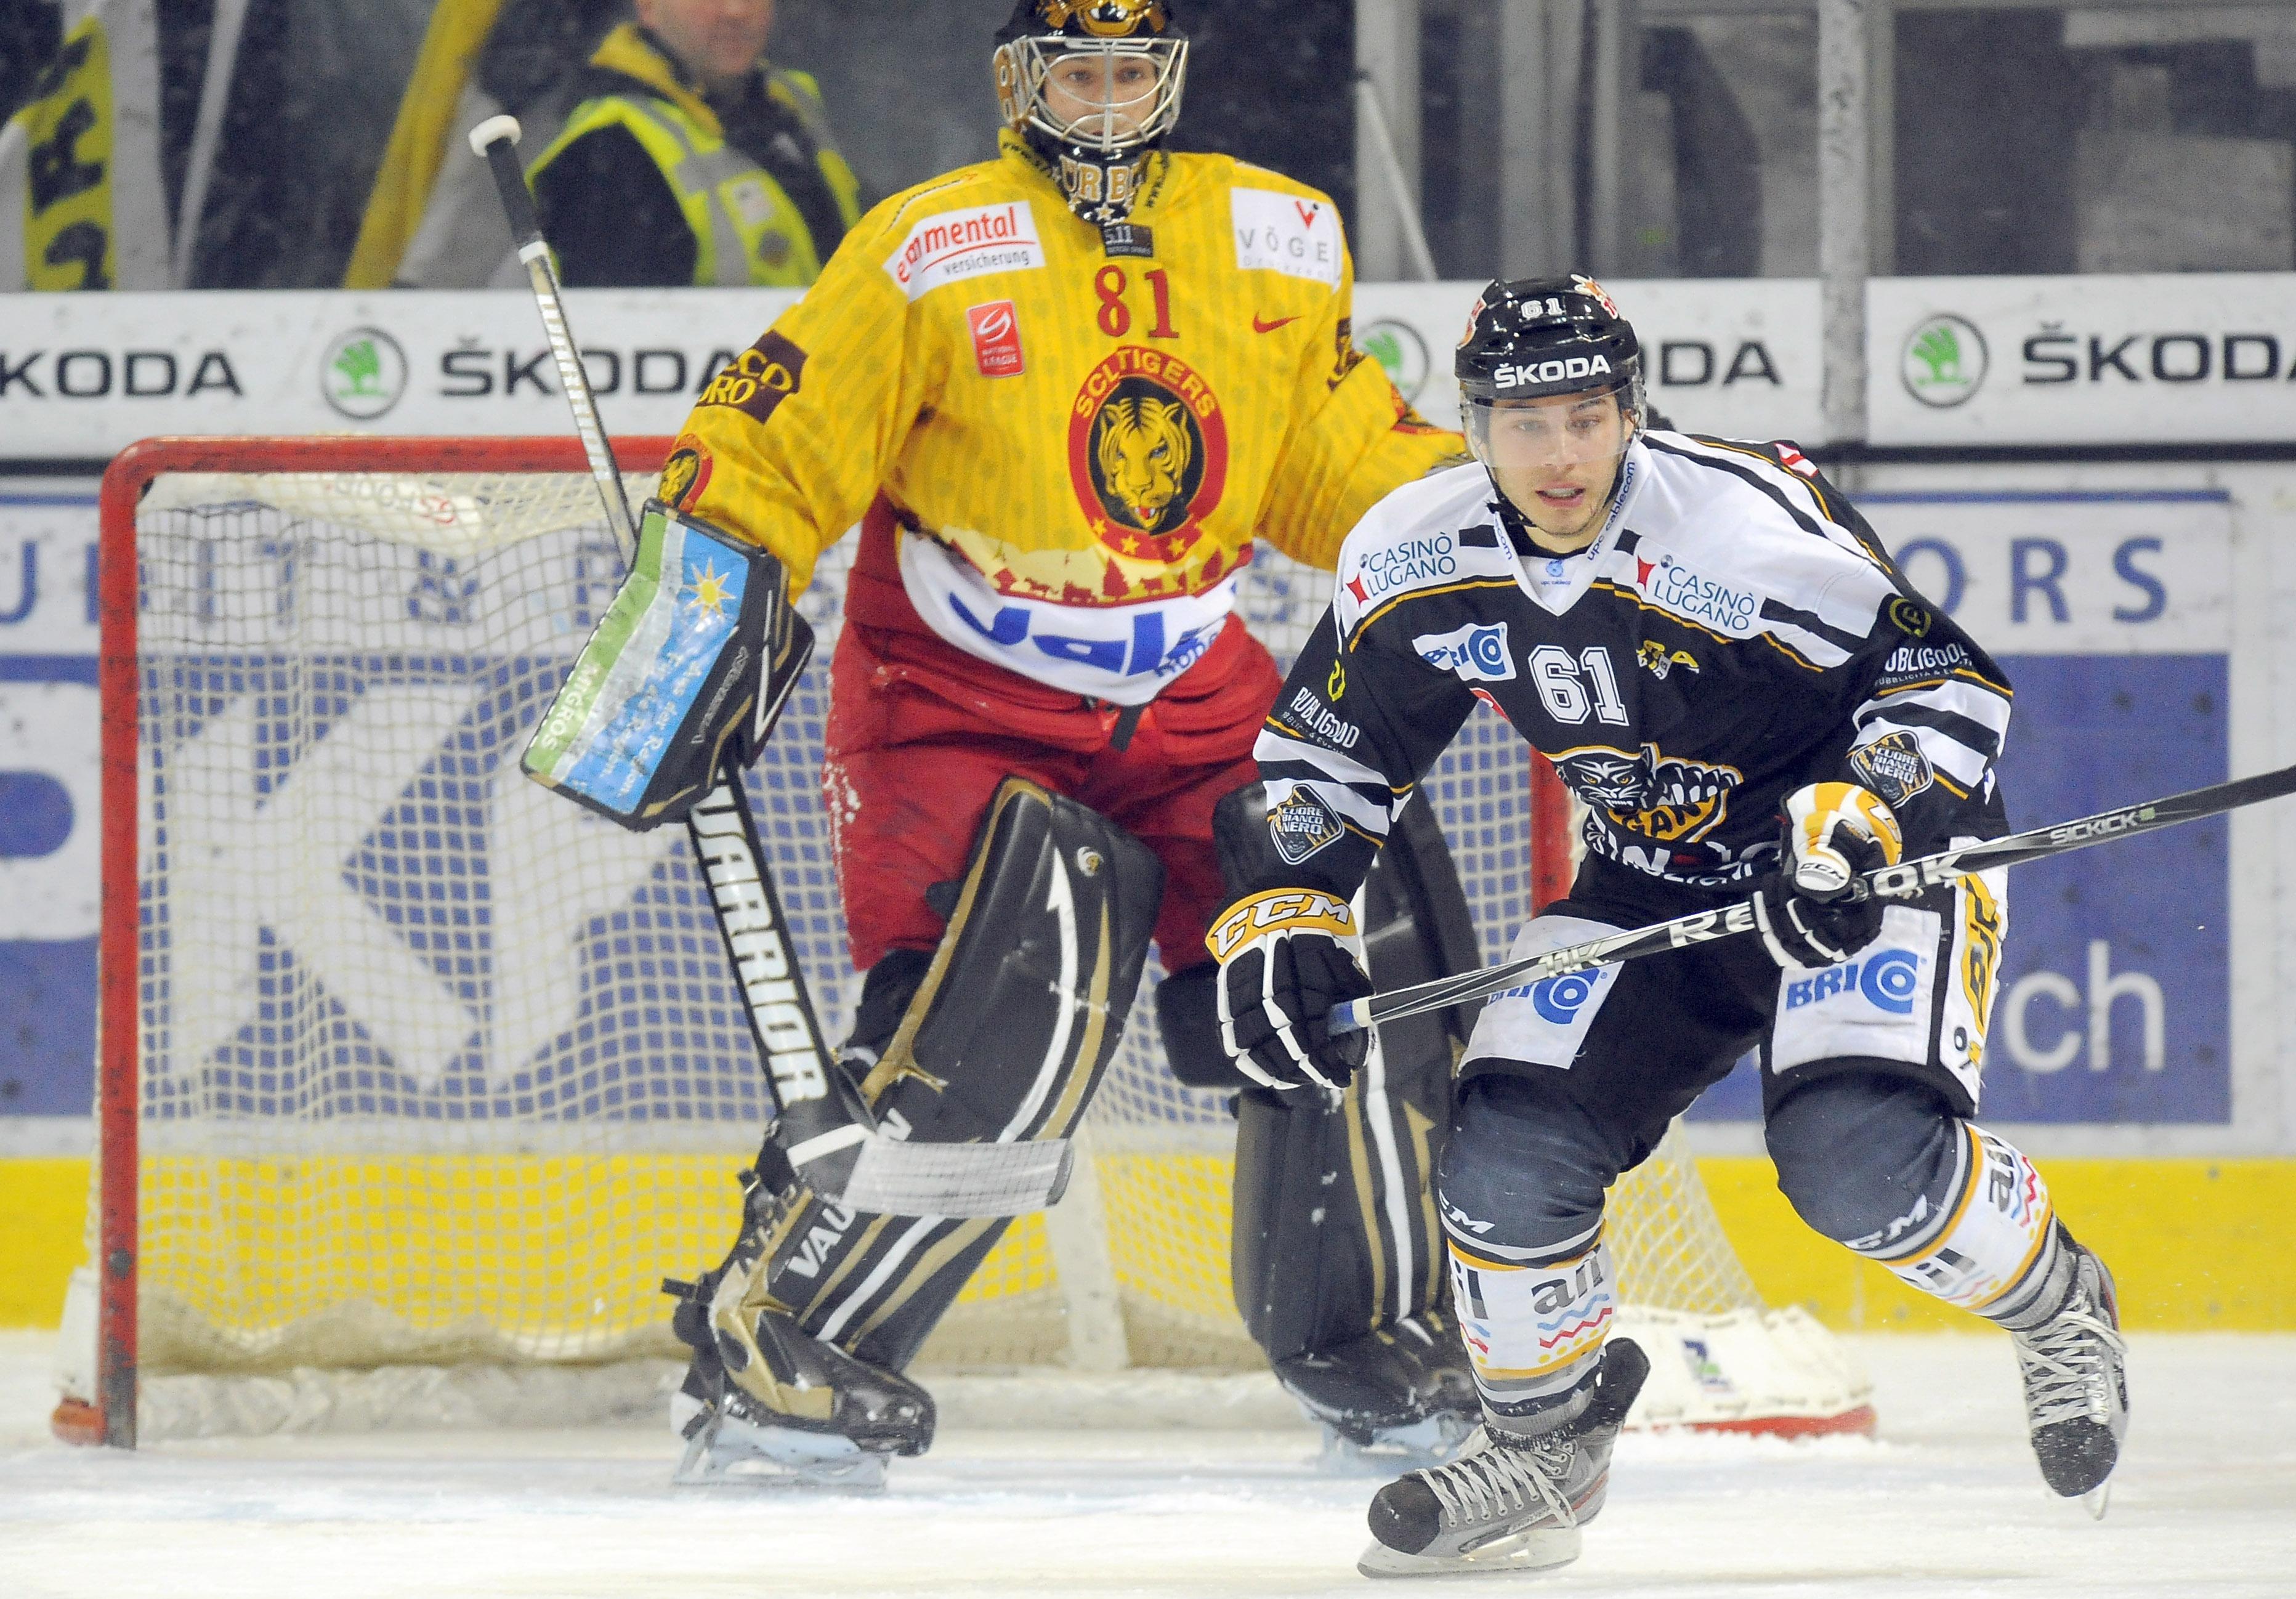 Mauro Jörg Hockey Club Lugano bianconero HC Davos